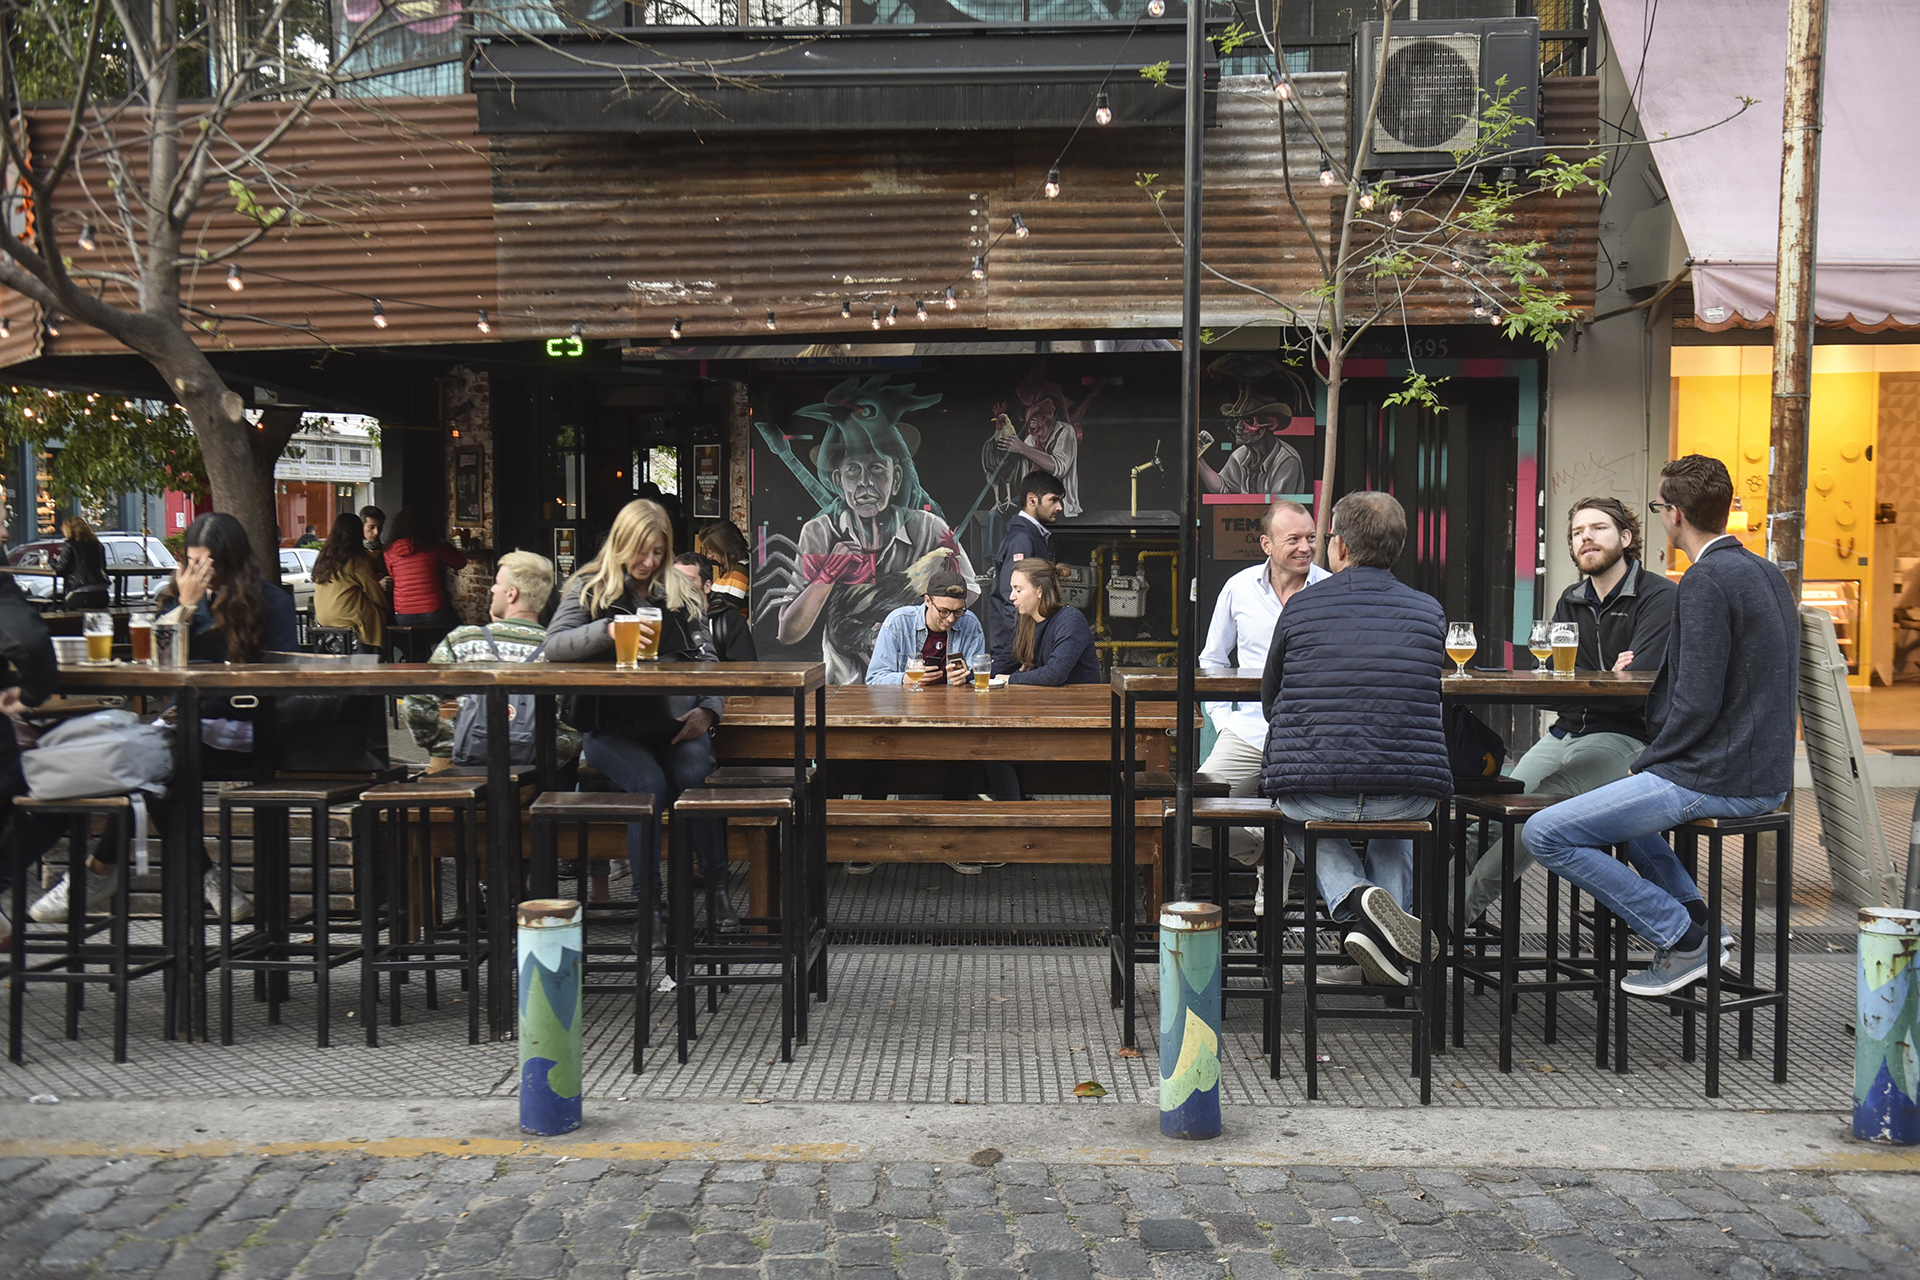 Esquina de Costa Rica y Gurruchaga, donde las cervezas unen a las generaciones. Una excelente ubicación para ir por unas cervezas y compartir con amigos. Mesas compartidas y banquetas altas en las afueras de la cervecería. El graffiti de la cervecería está realizado por Cris Herrera Kiki